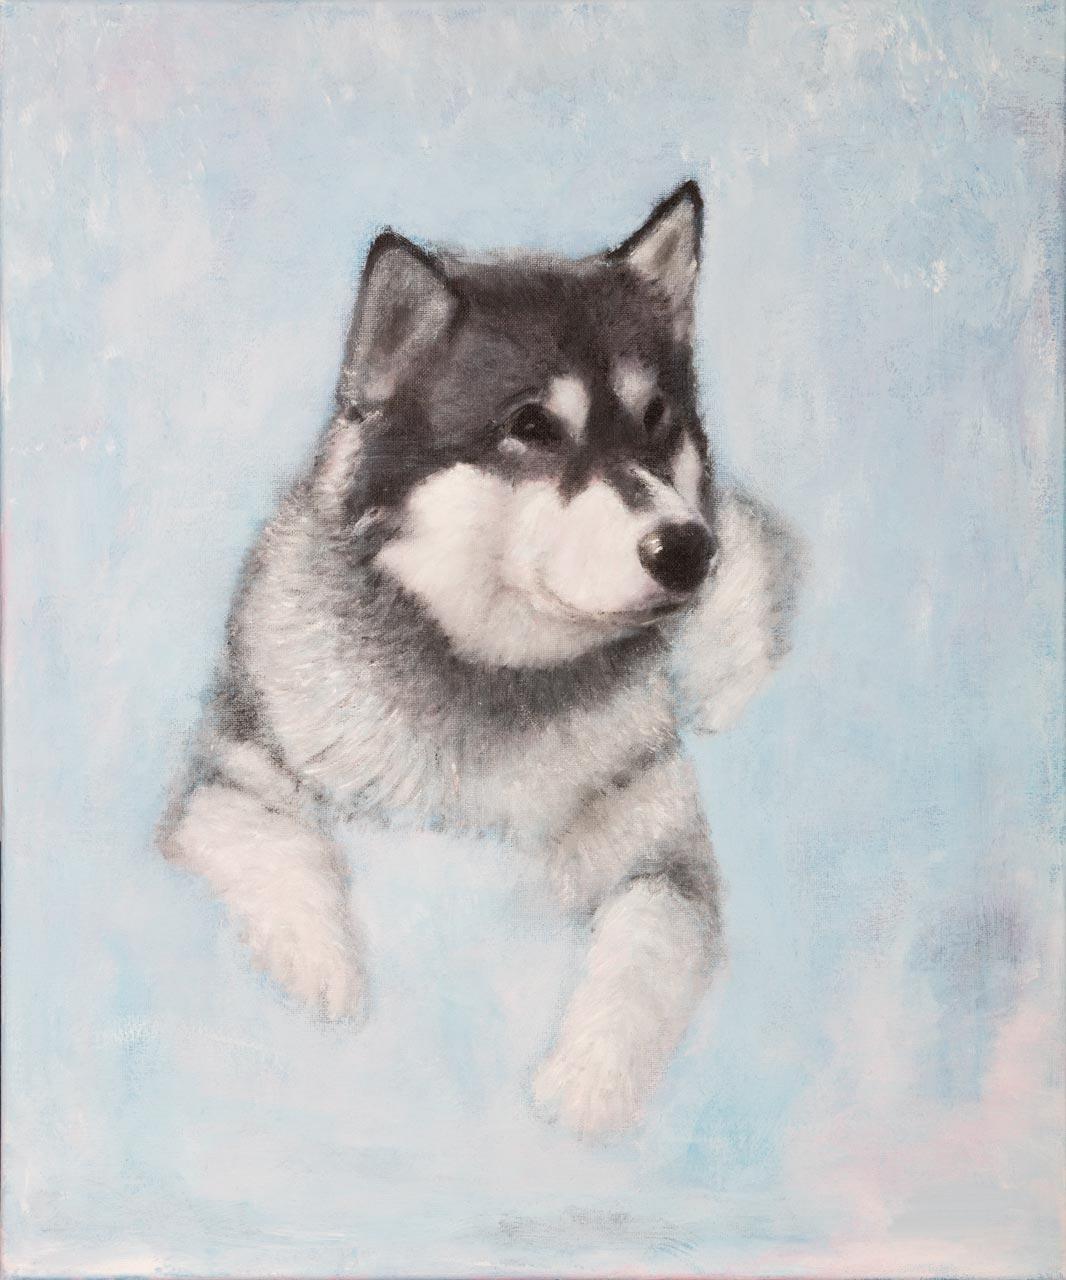 Alaska / Husky